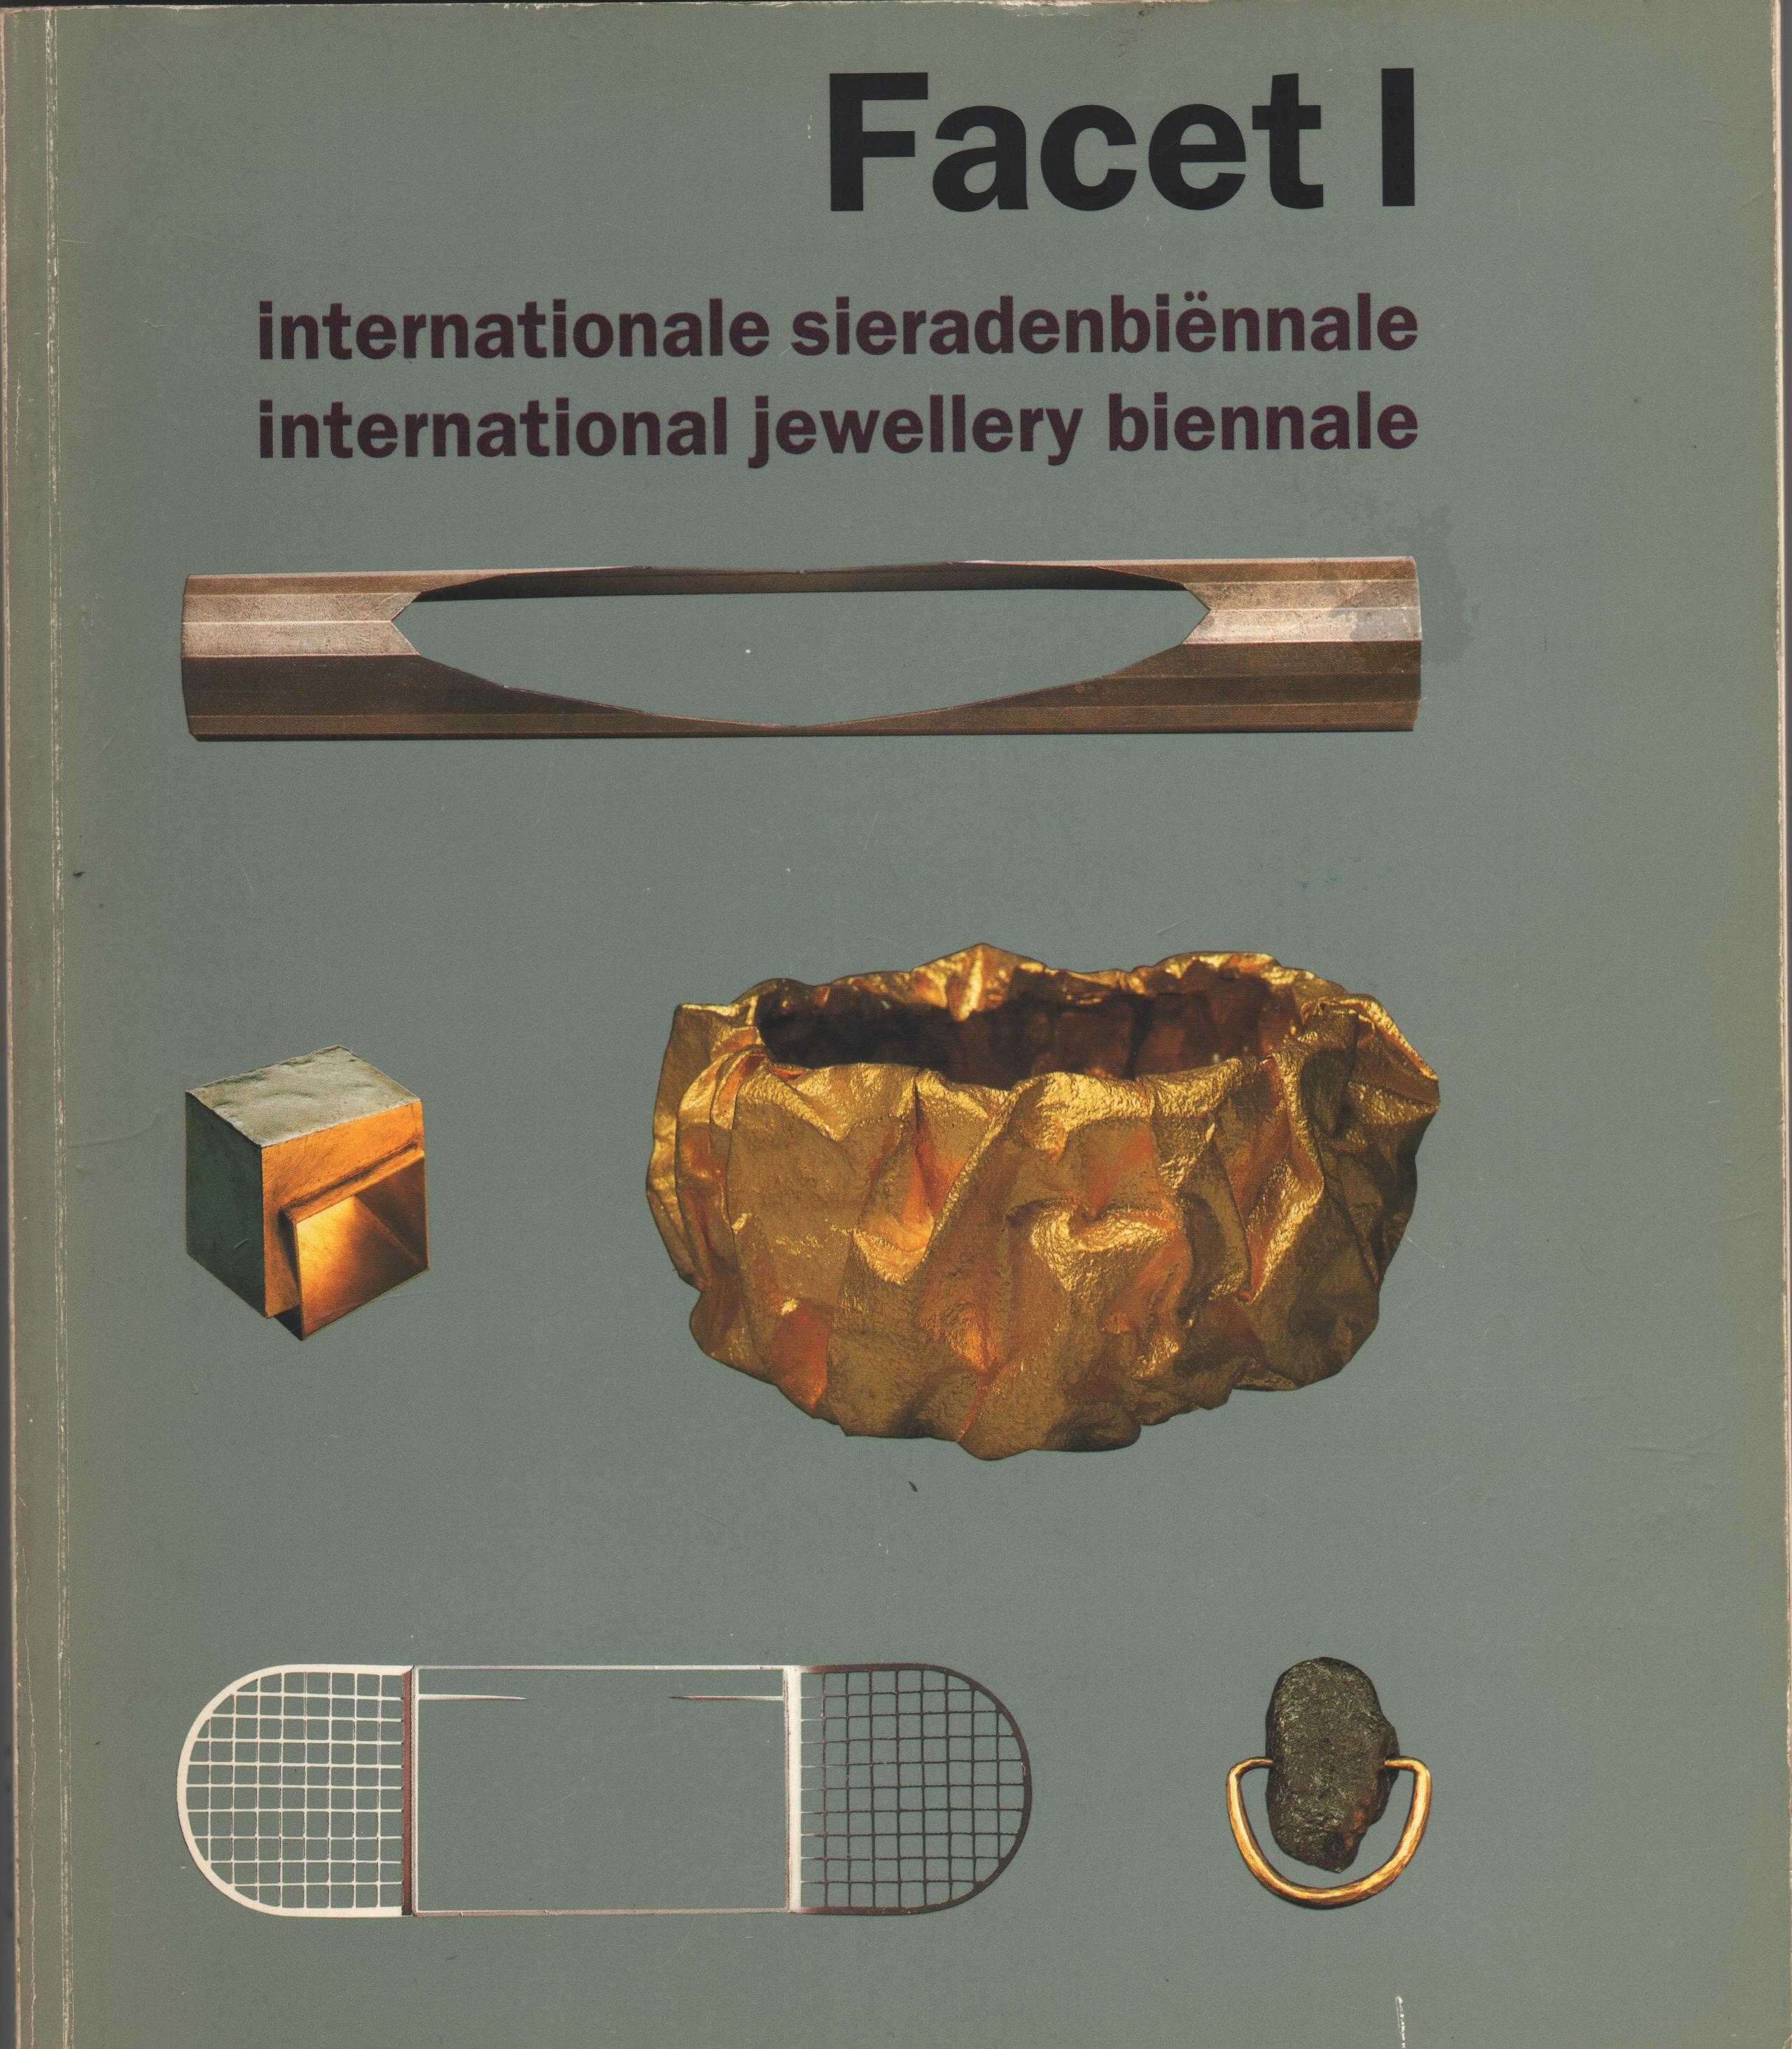 Facet I, catalogus, omslag voorzijde, 1993, Kunsthal Rotterdam, omslag, papier